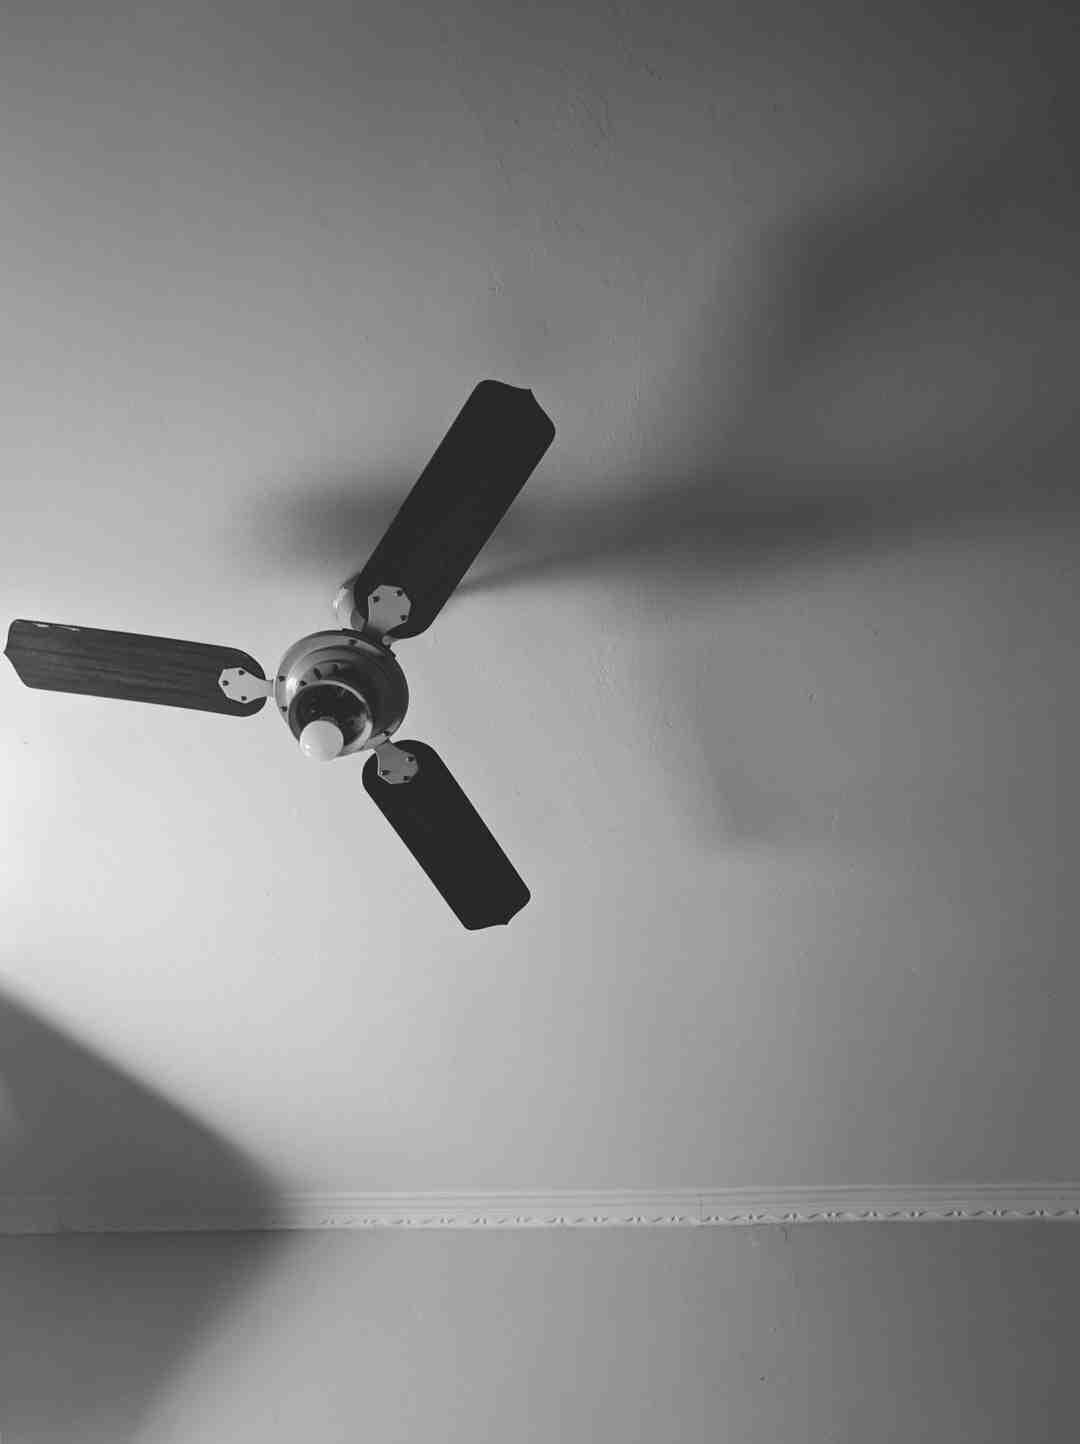 Comment changer un ventilateur au plafond ?